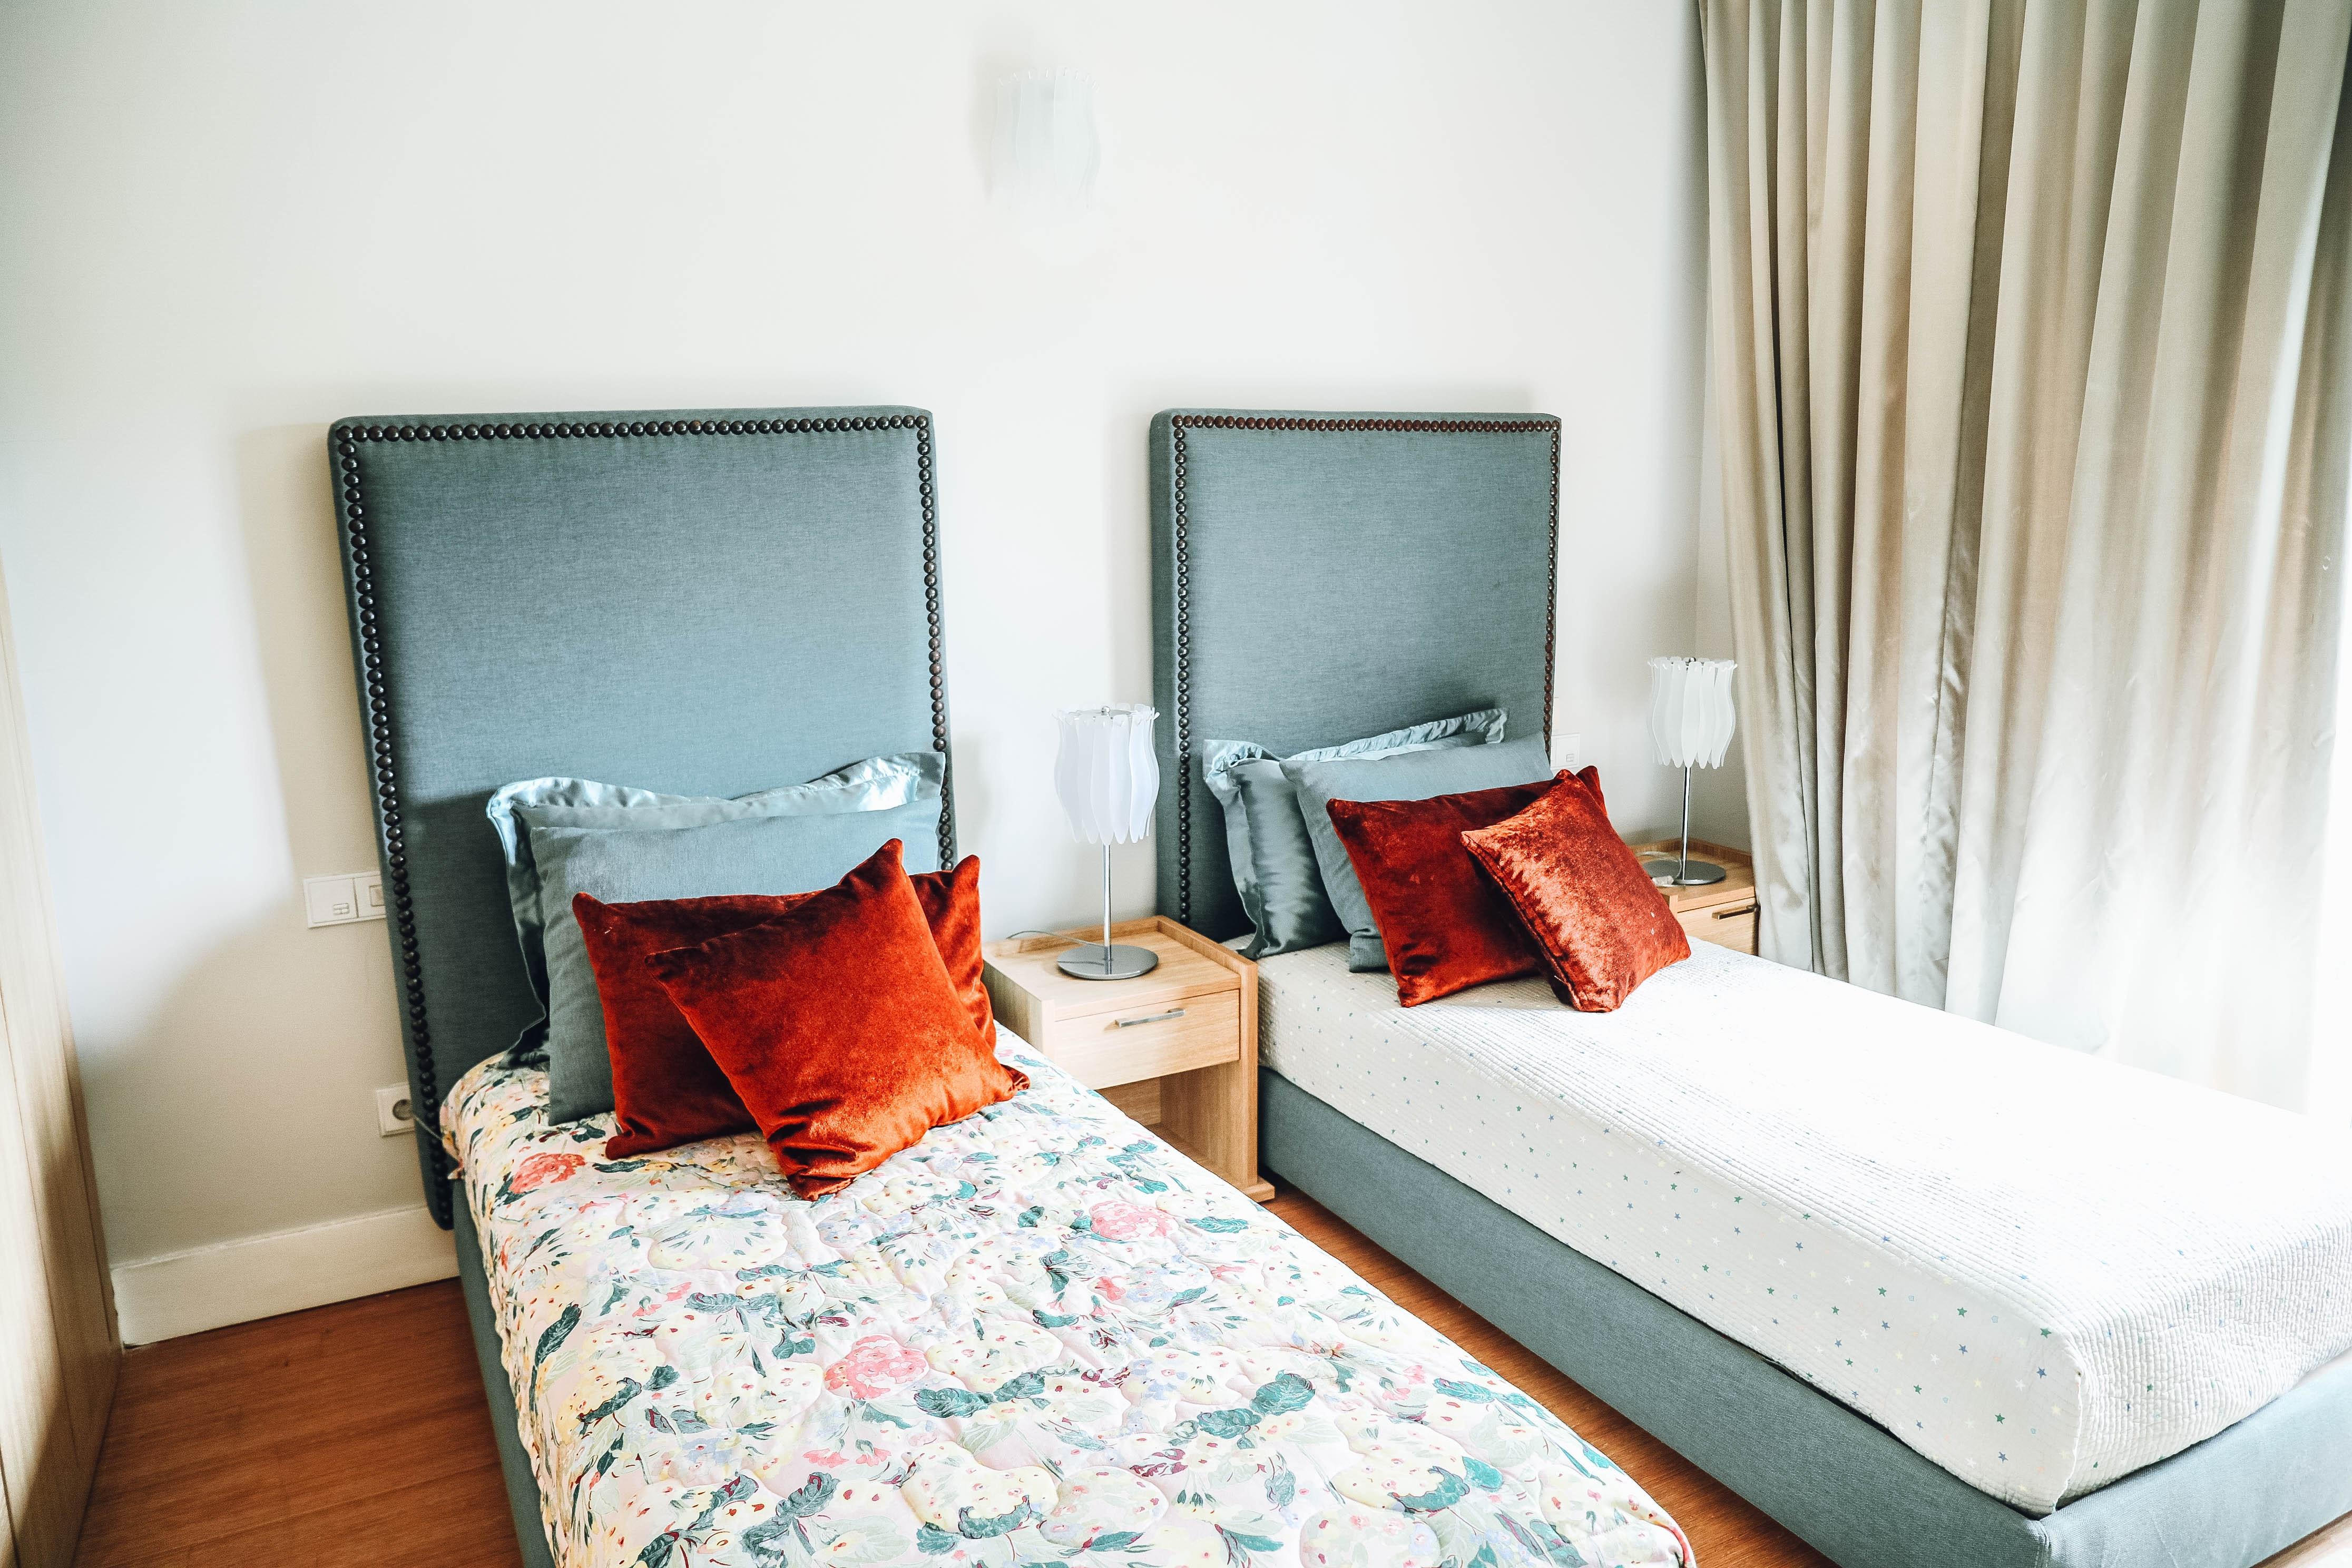 Hotel Chambermaid